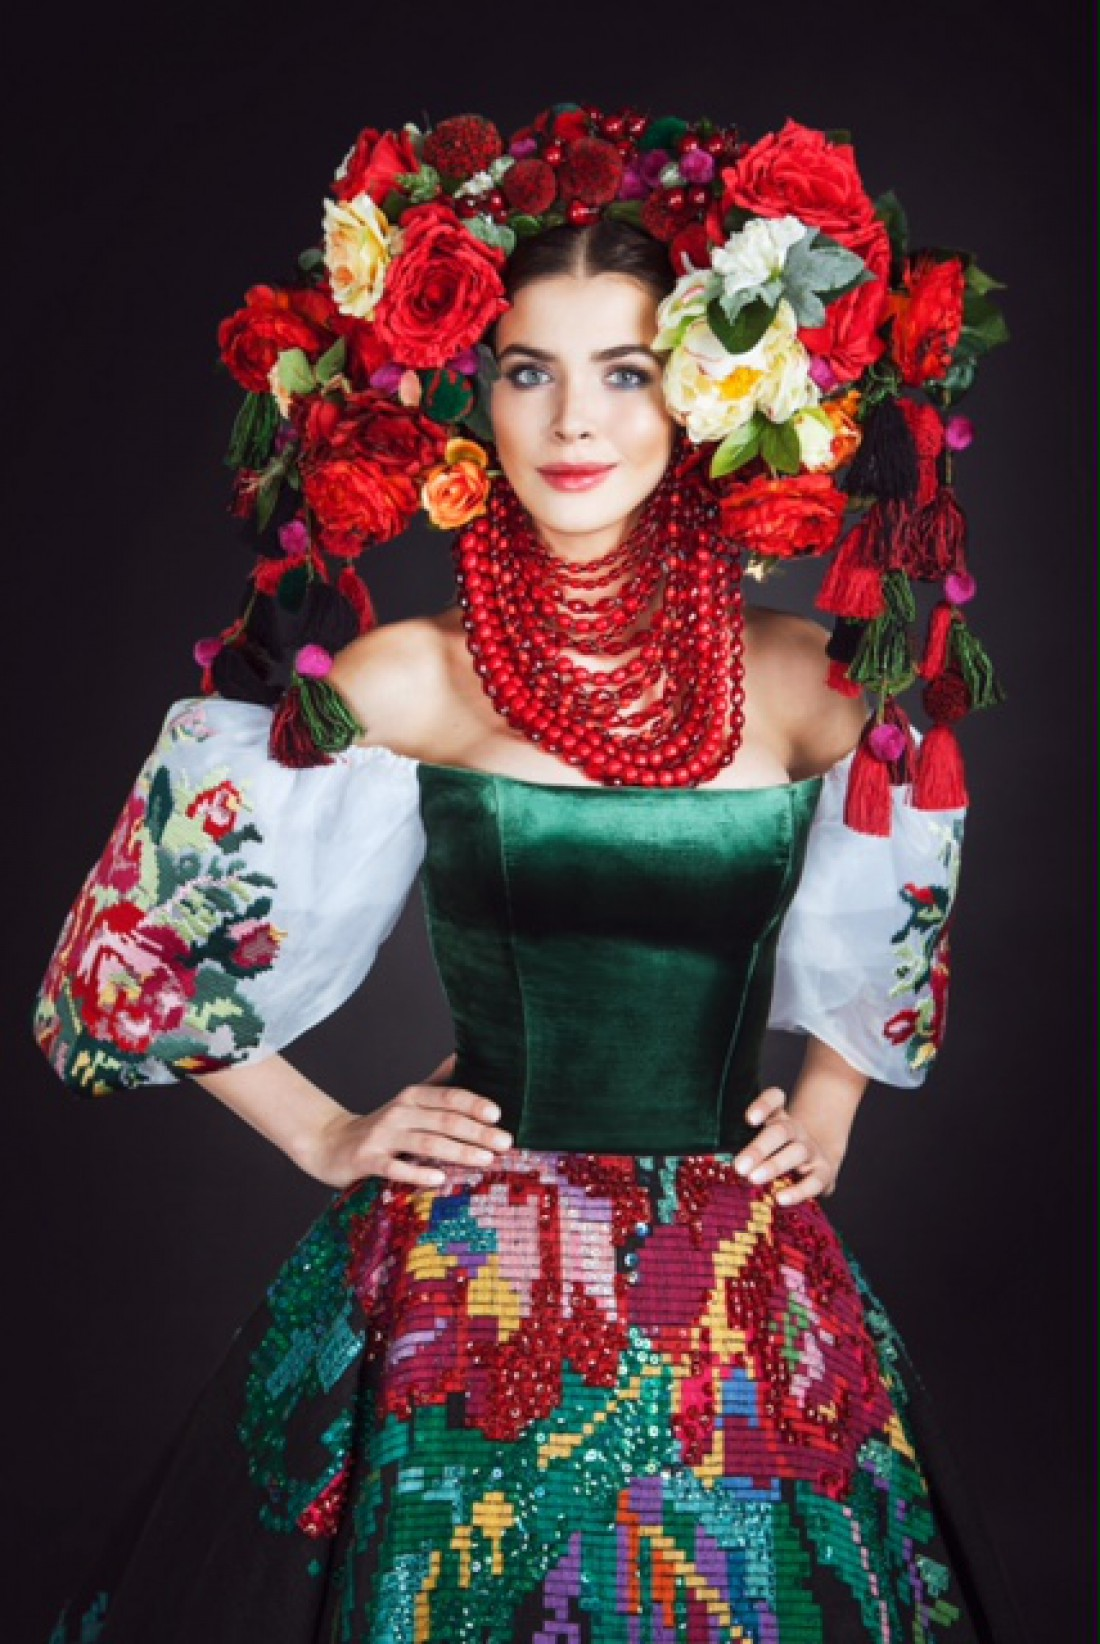 Мисс Украина-Вселенная 2016 в национальном костюме